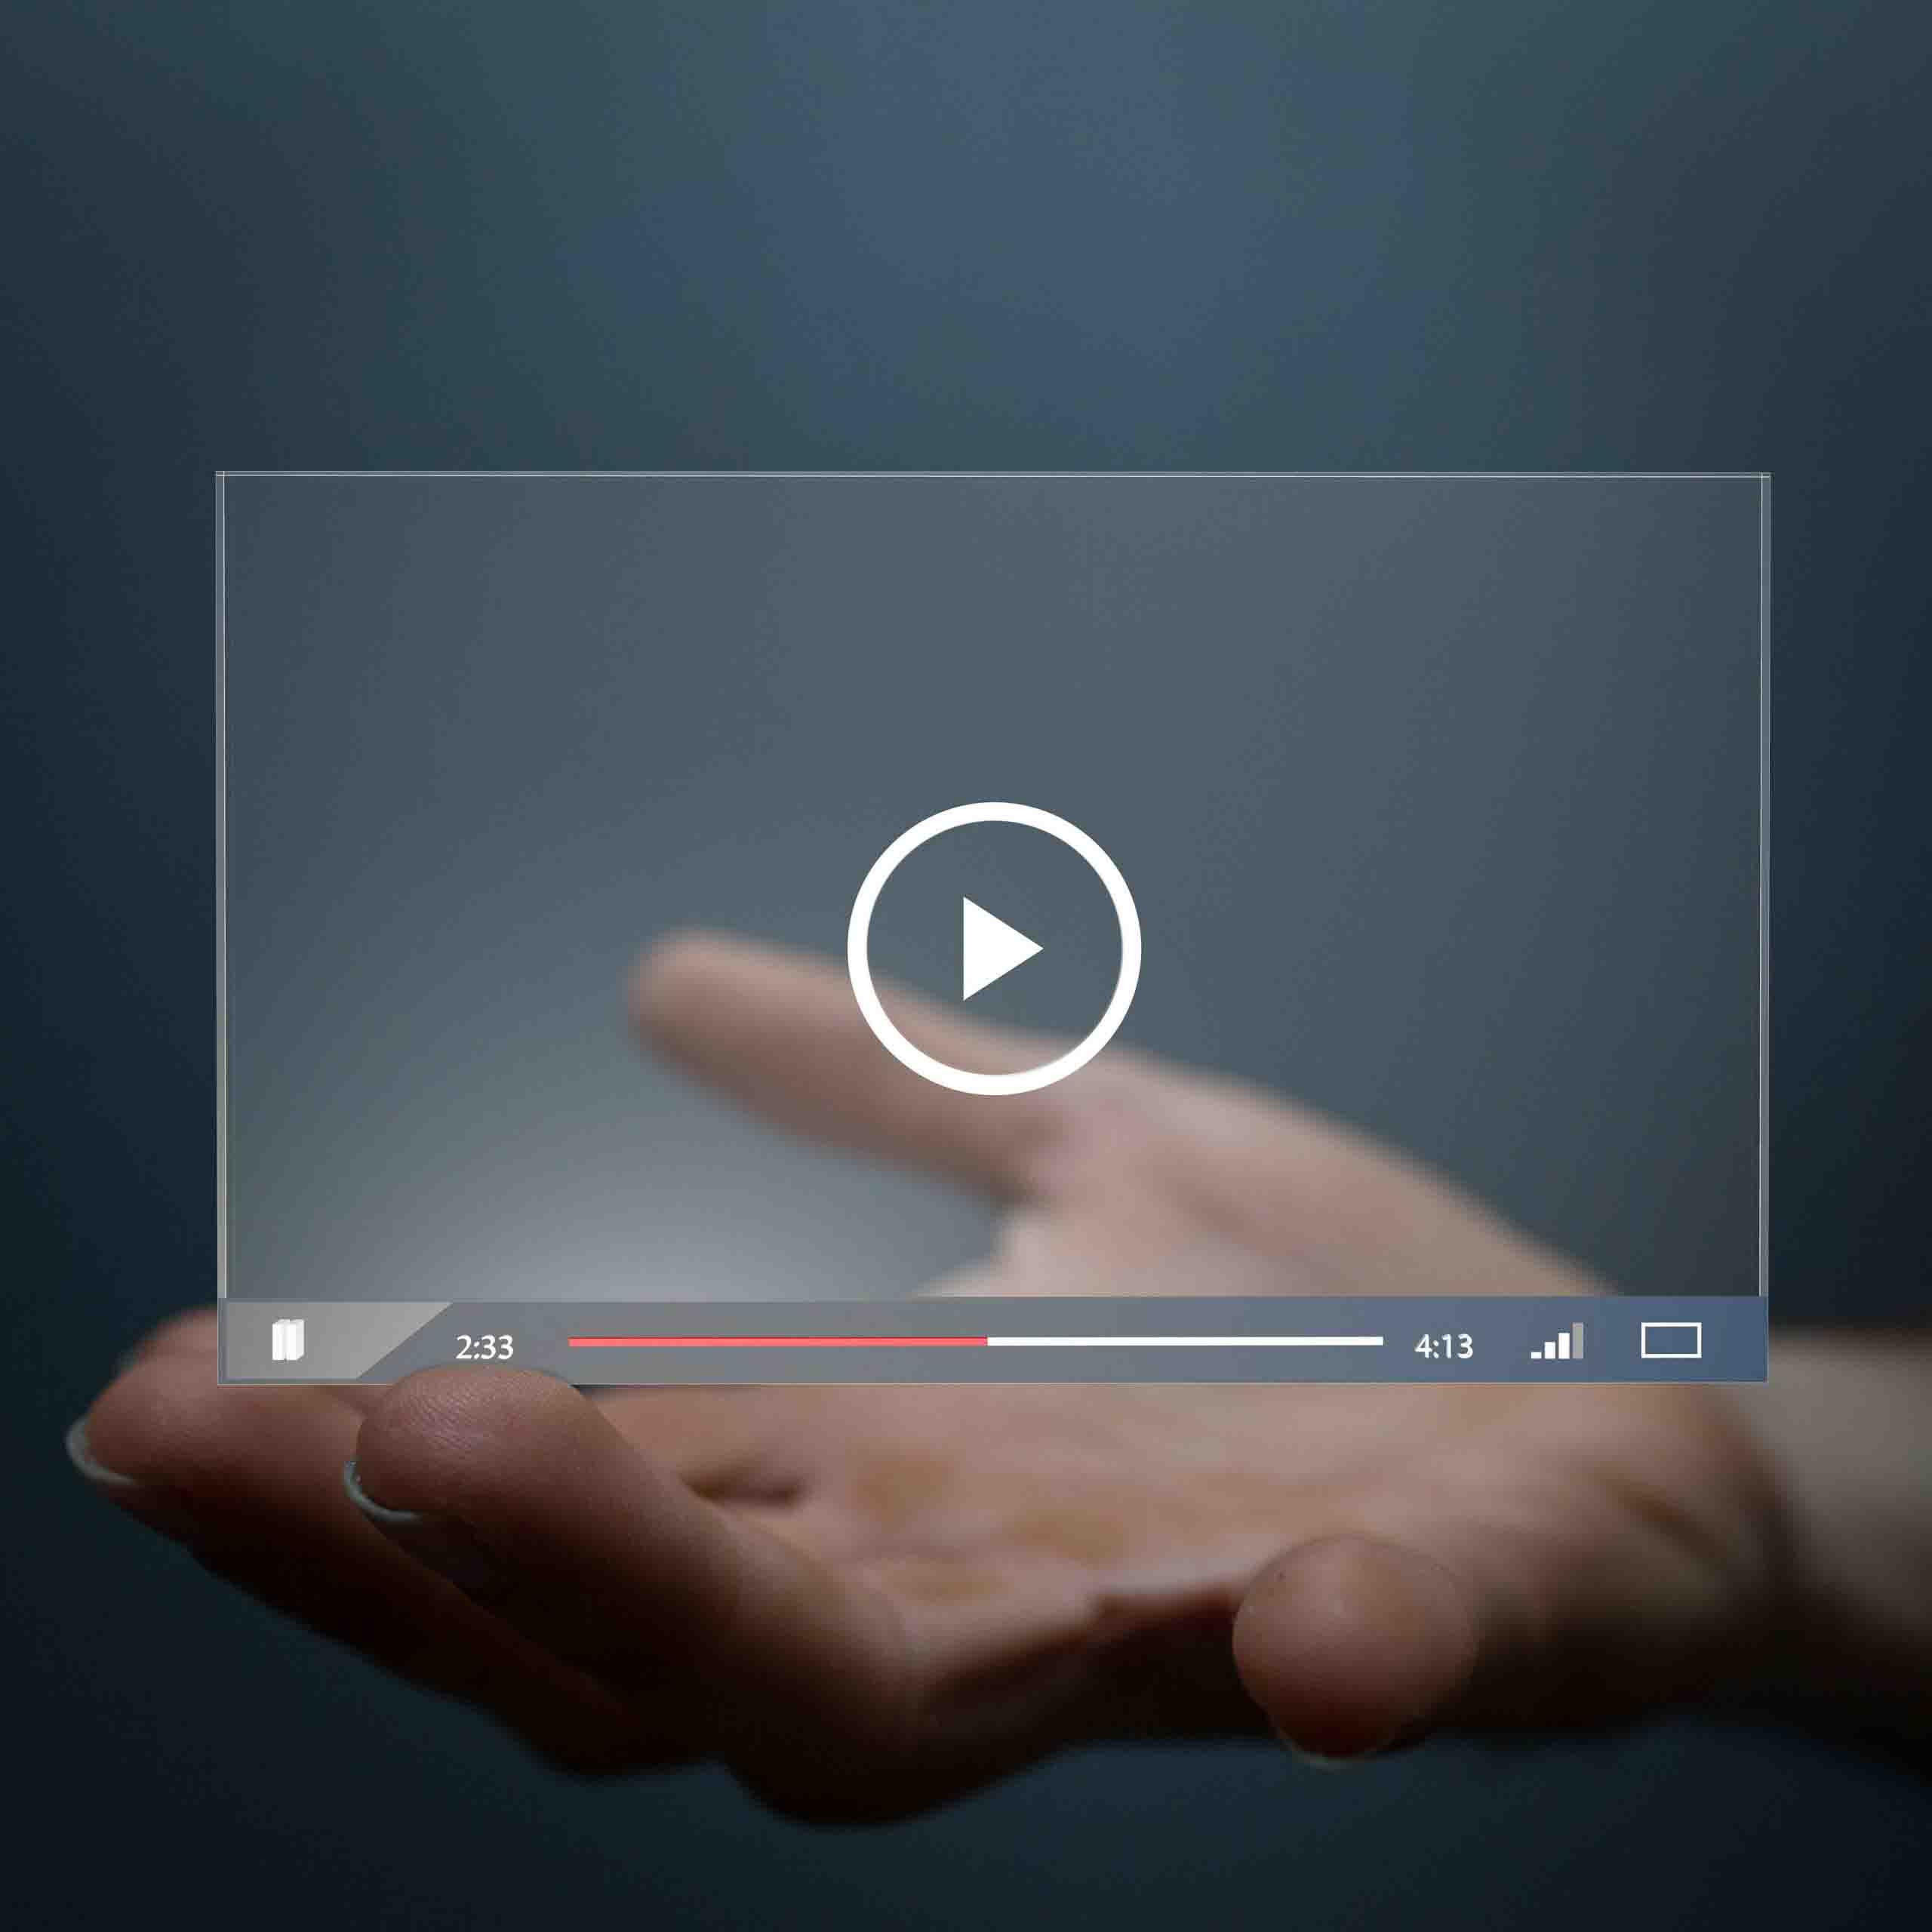 Hoe duur is een online video?